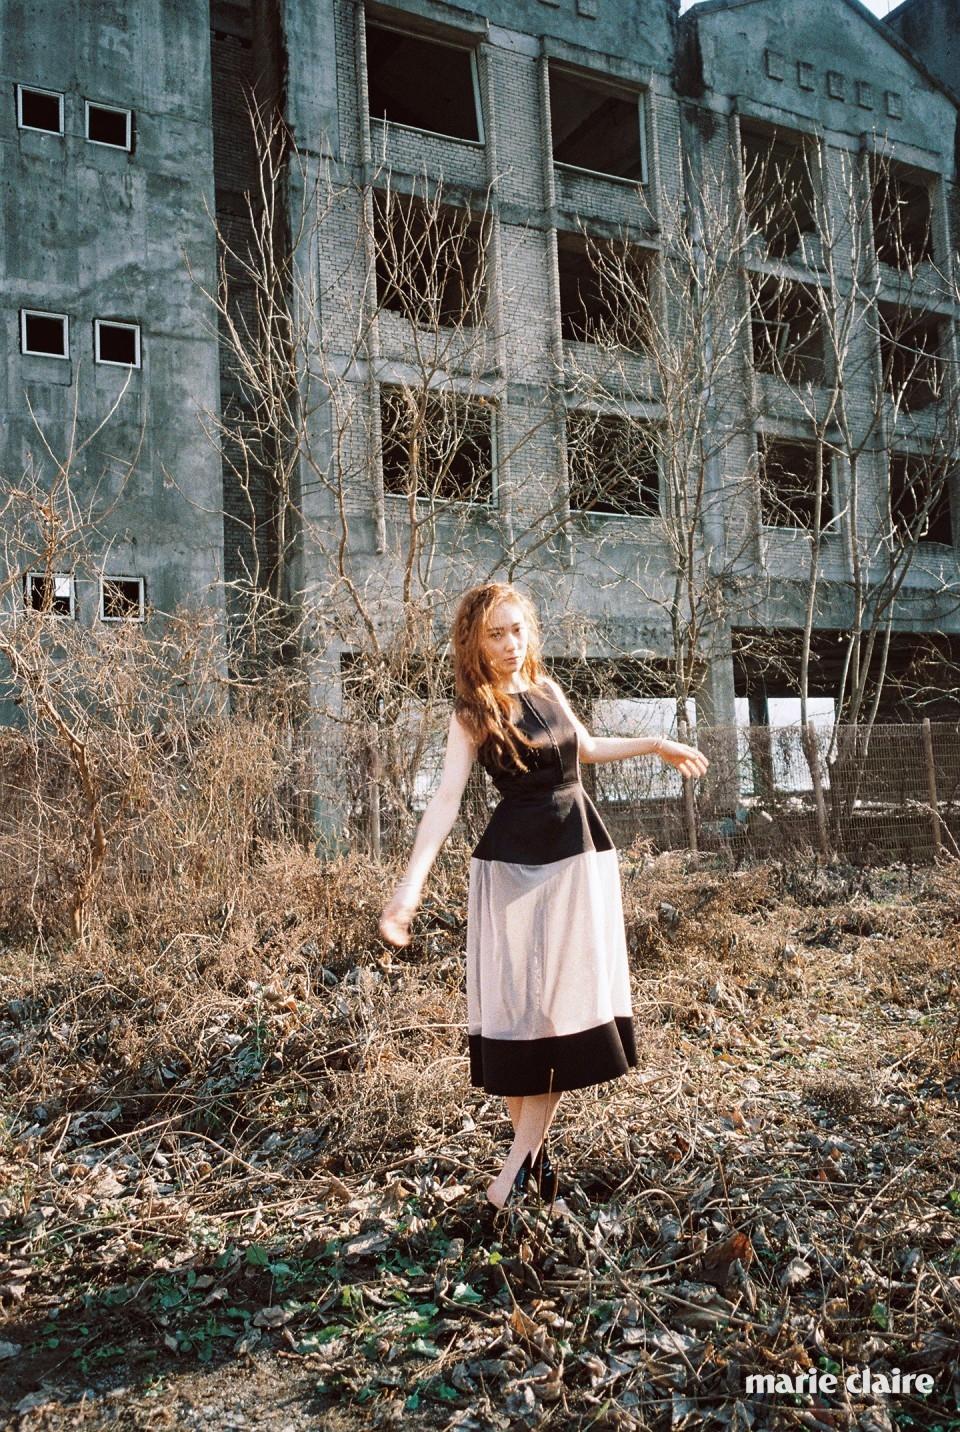 엑스레이에서 영감을 받은 시스루 포인트 드레스, 함께 매치한 레이스 슬립 드레스, 뾰족한 커팅이 돋보이는 블랙 샌들 모두 발렌시아가(Balenciaga)